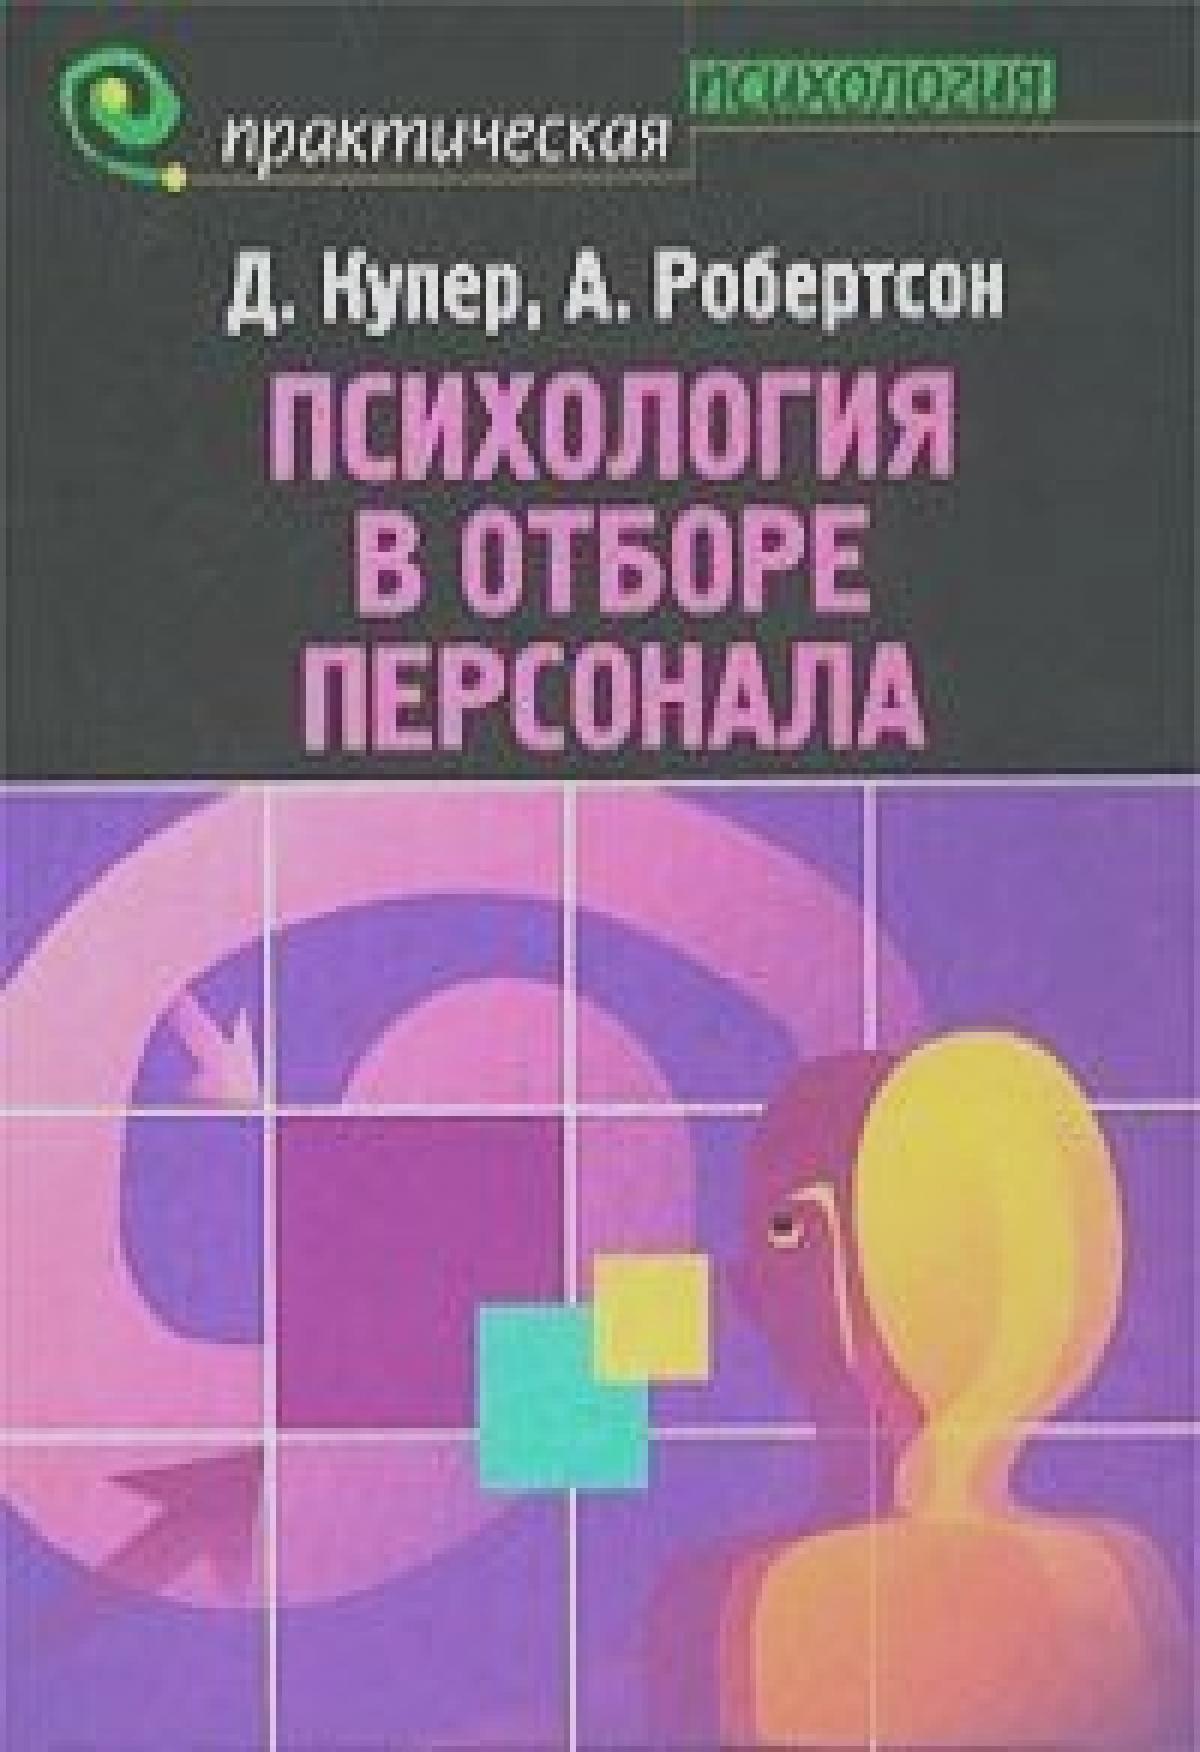 Обложка книги:  практическая психология - д. купер, а. робертсон - психология в отборе персонала